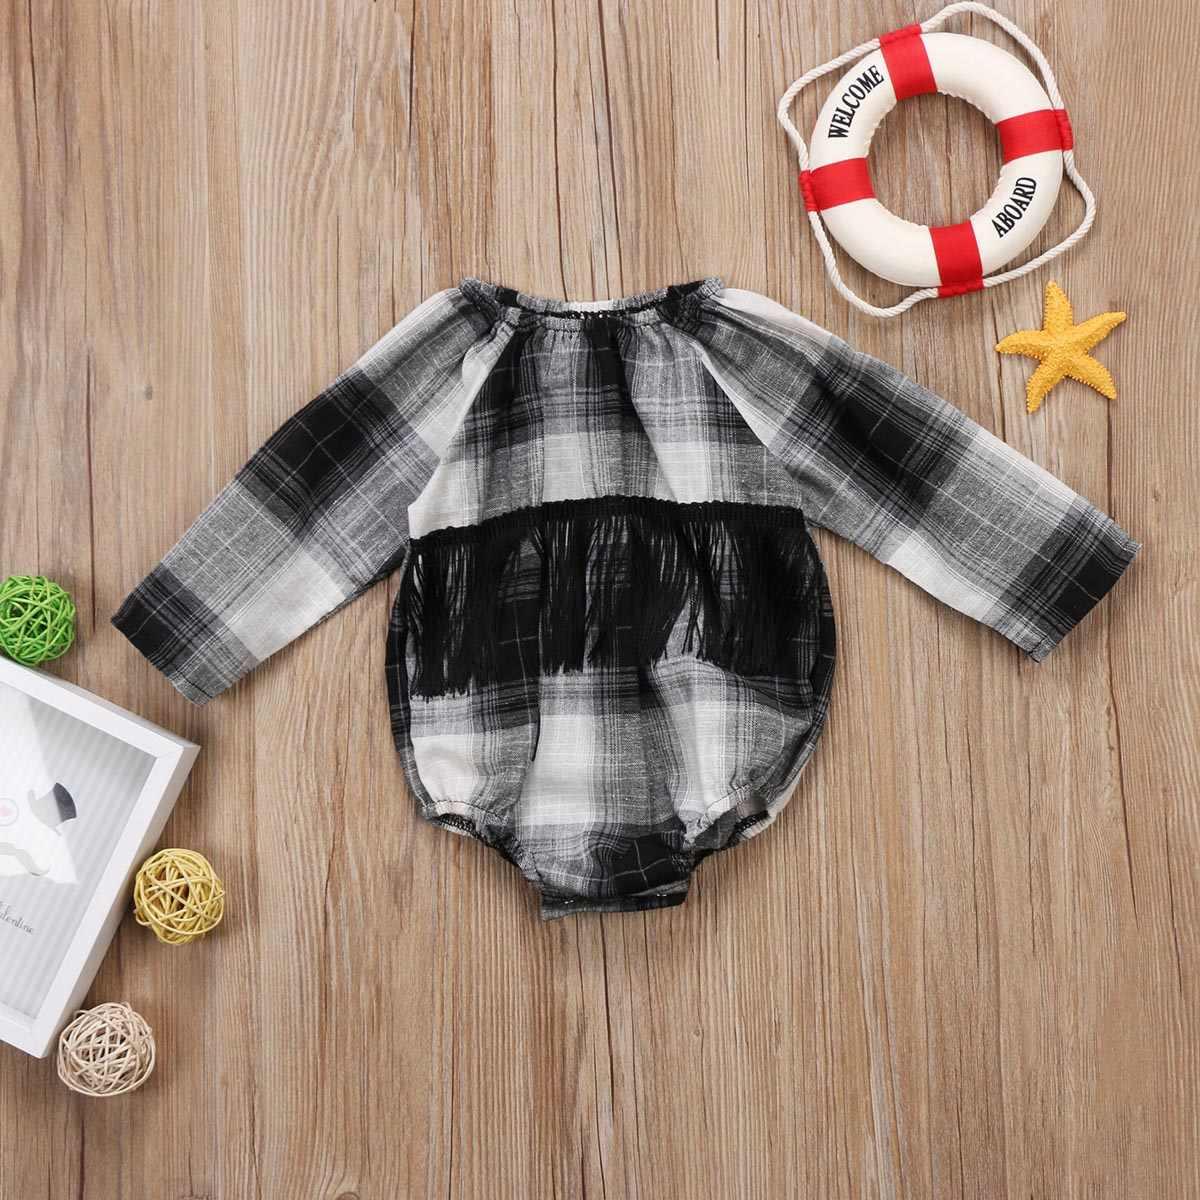 Pudcoco/2017 клетчатое боди в черно-белую клетку с длинными рукавами и кисточками для новорожденных девочек, повседневная одежда, новинка, для детей от 0 до 18 месяцев